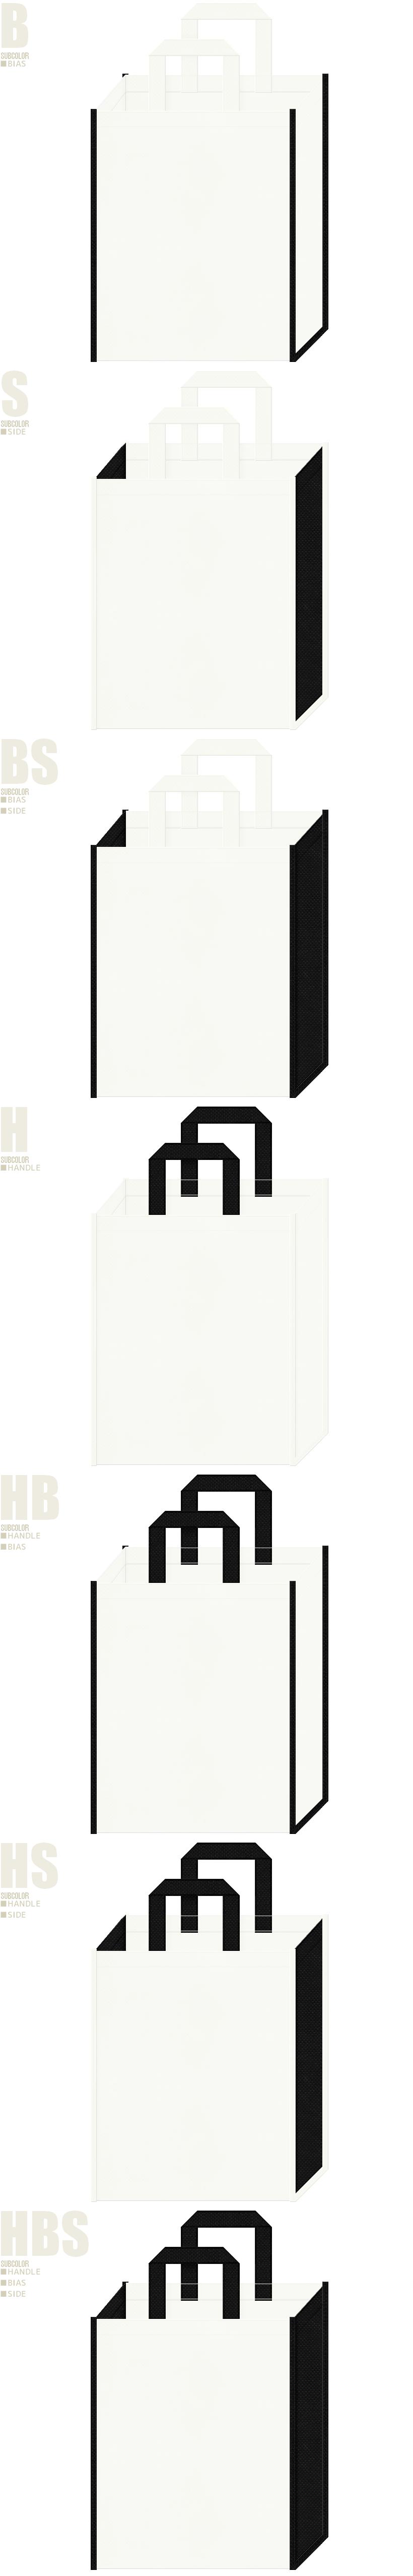 ゴスロリファッションの展示会用バッグにお奨めです。オフホワイト色と黒色の不織布バッグ配色7パターンのデザイン。